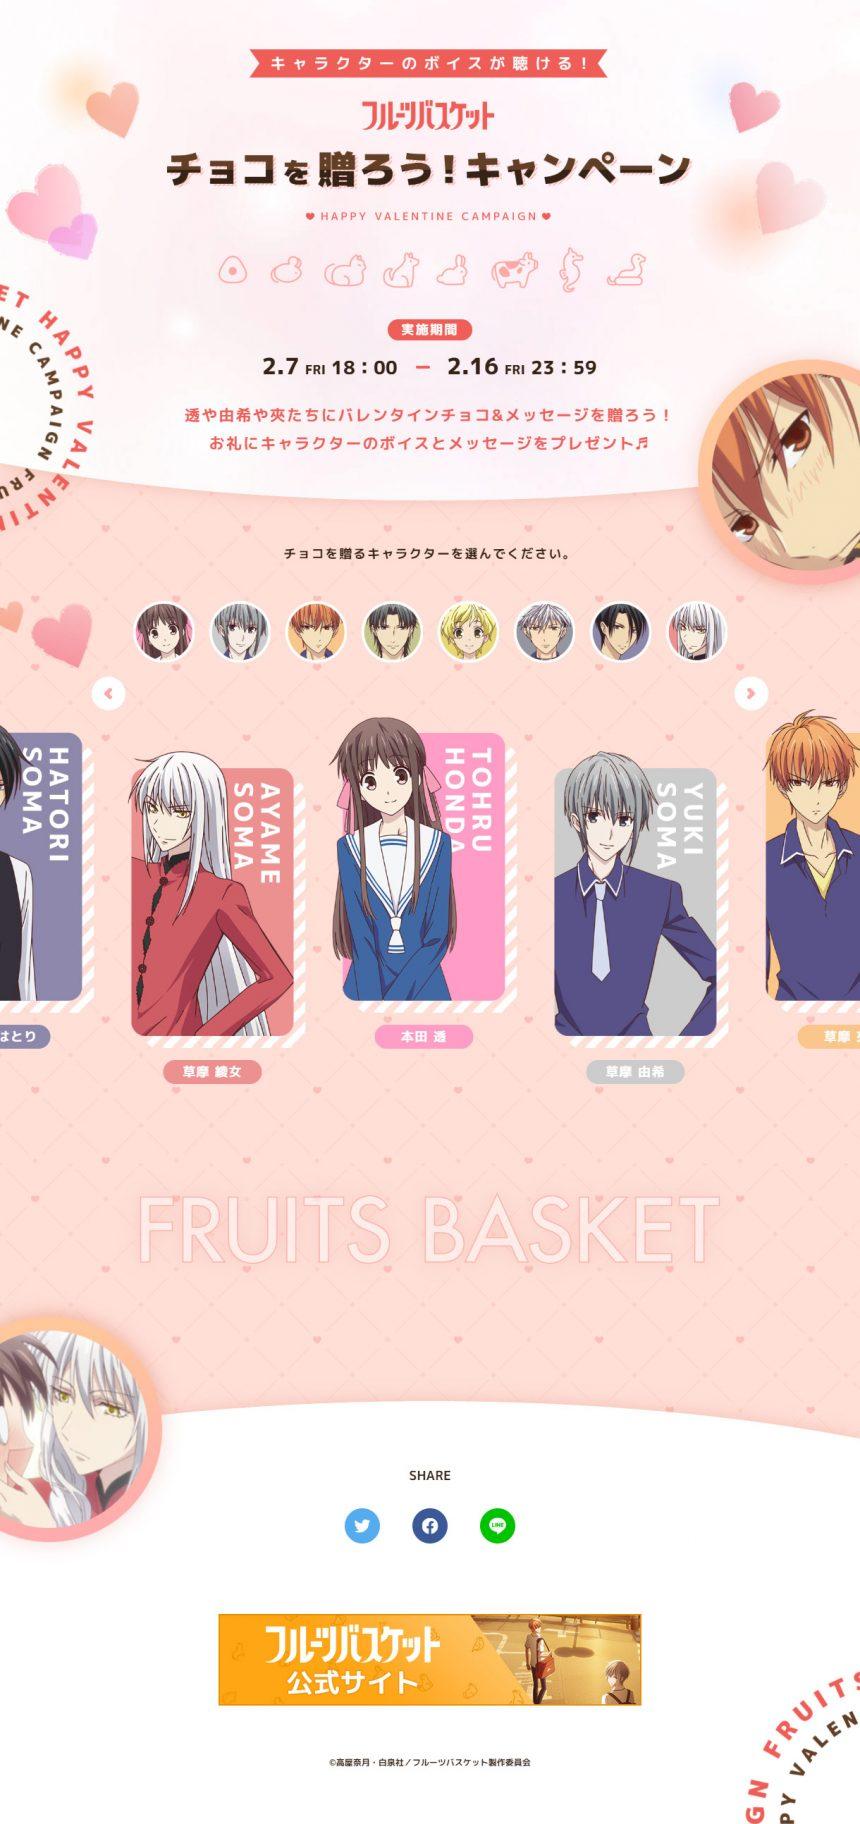 TVアニメ「フルーツバスケット」チョコを贈ろう!キャンペーン